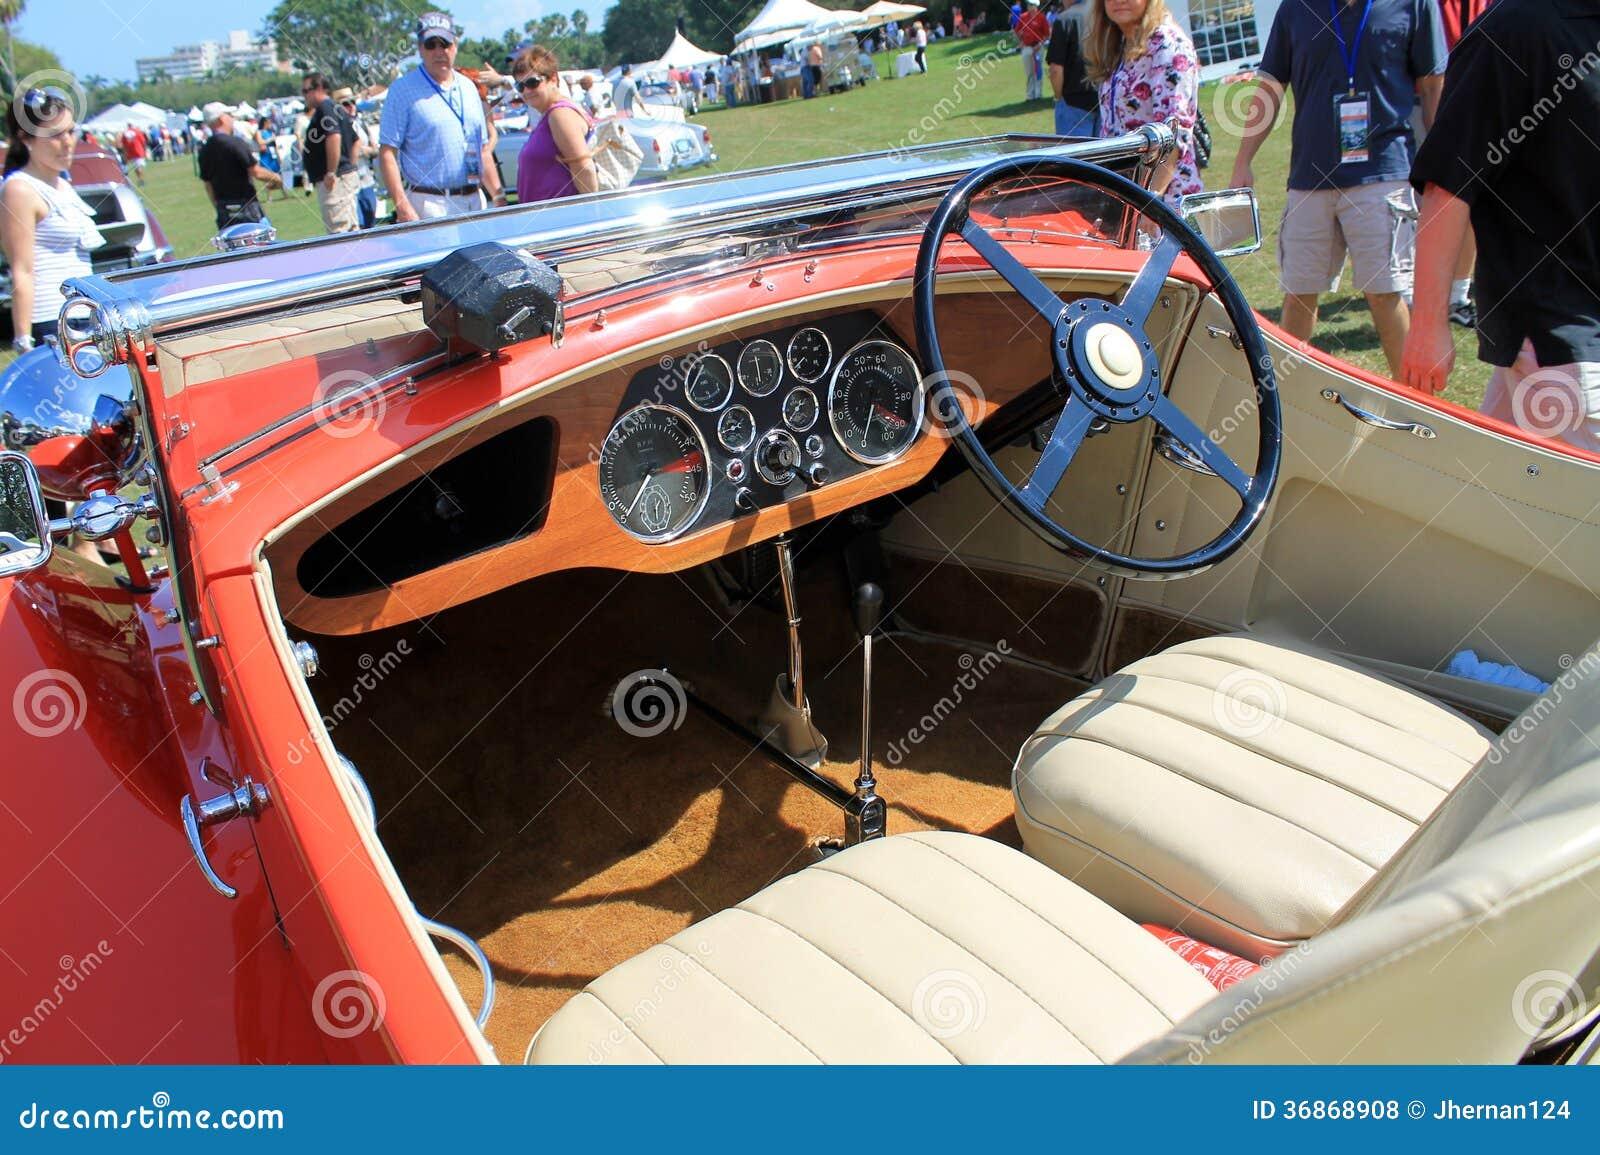 rare antique british car interior editorial stock photo image 36868908. Black Bedroom Furniture Sets. Home Design Ideas